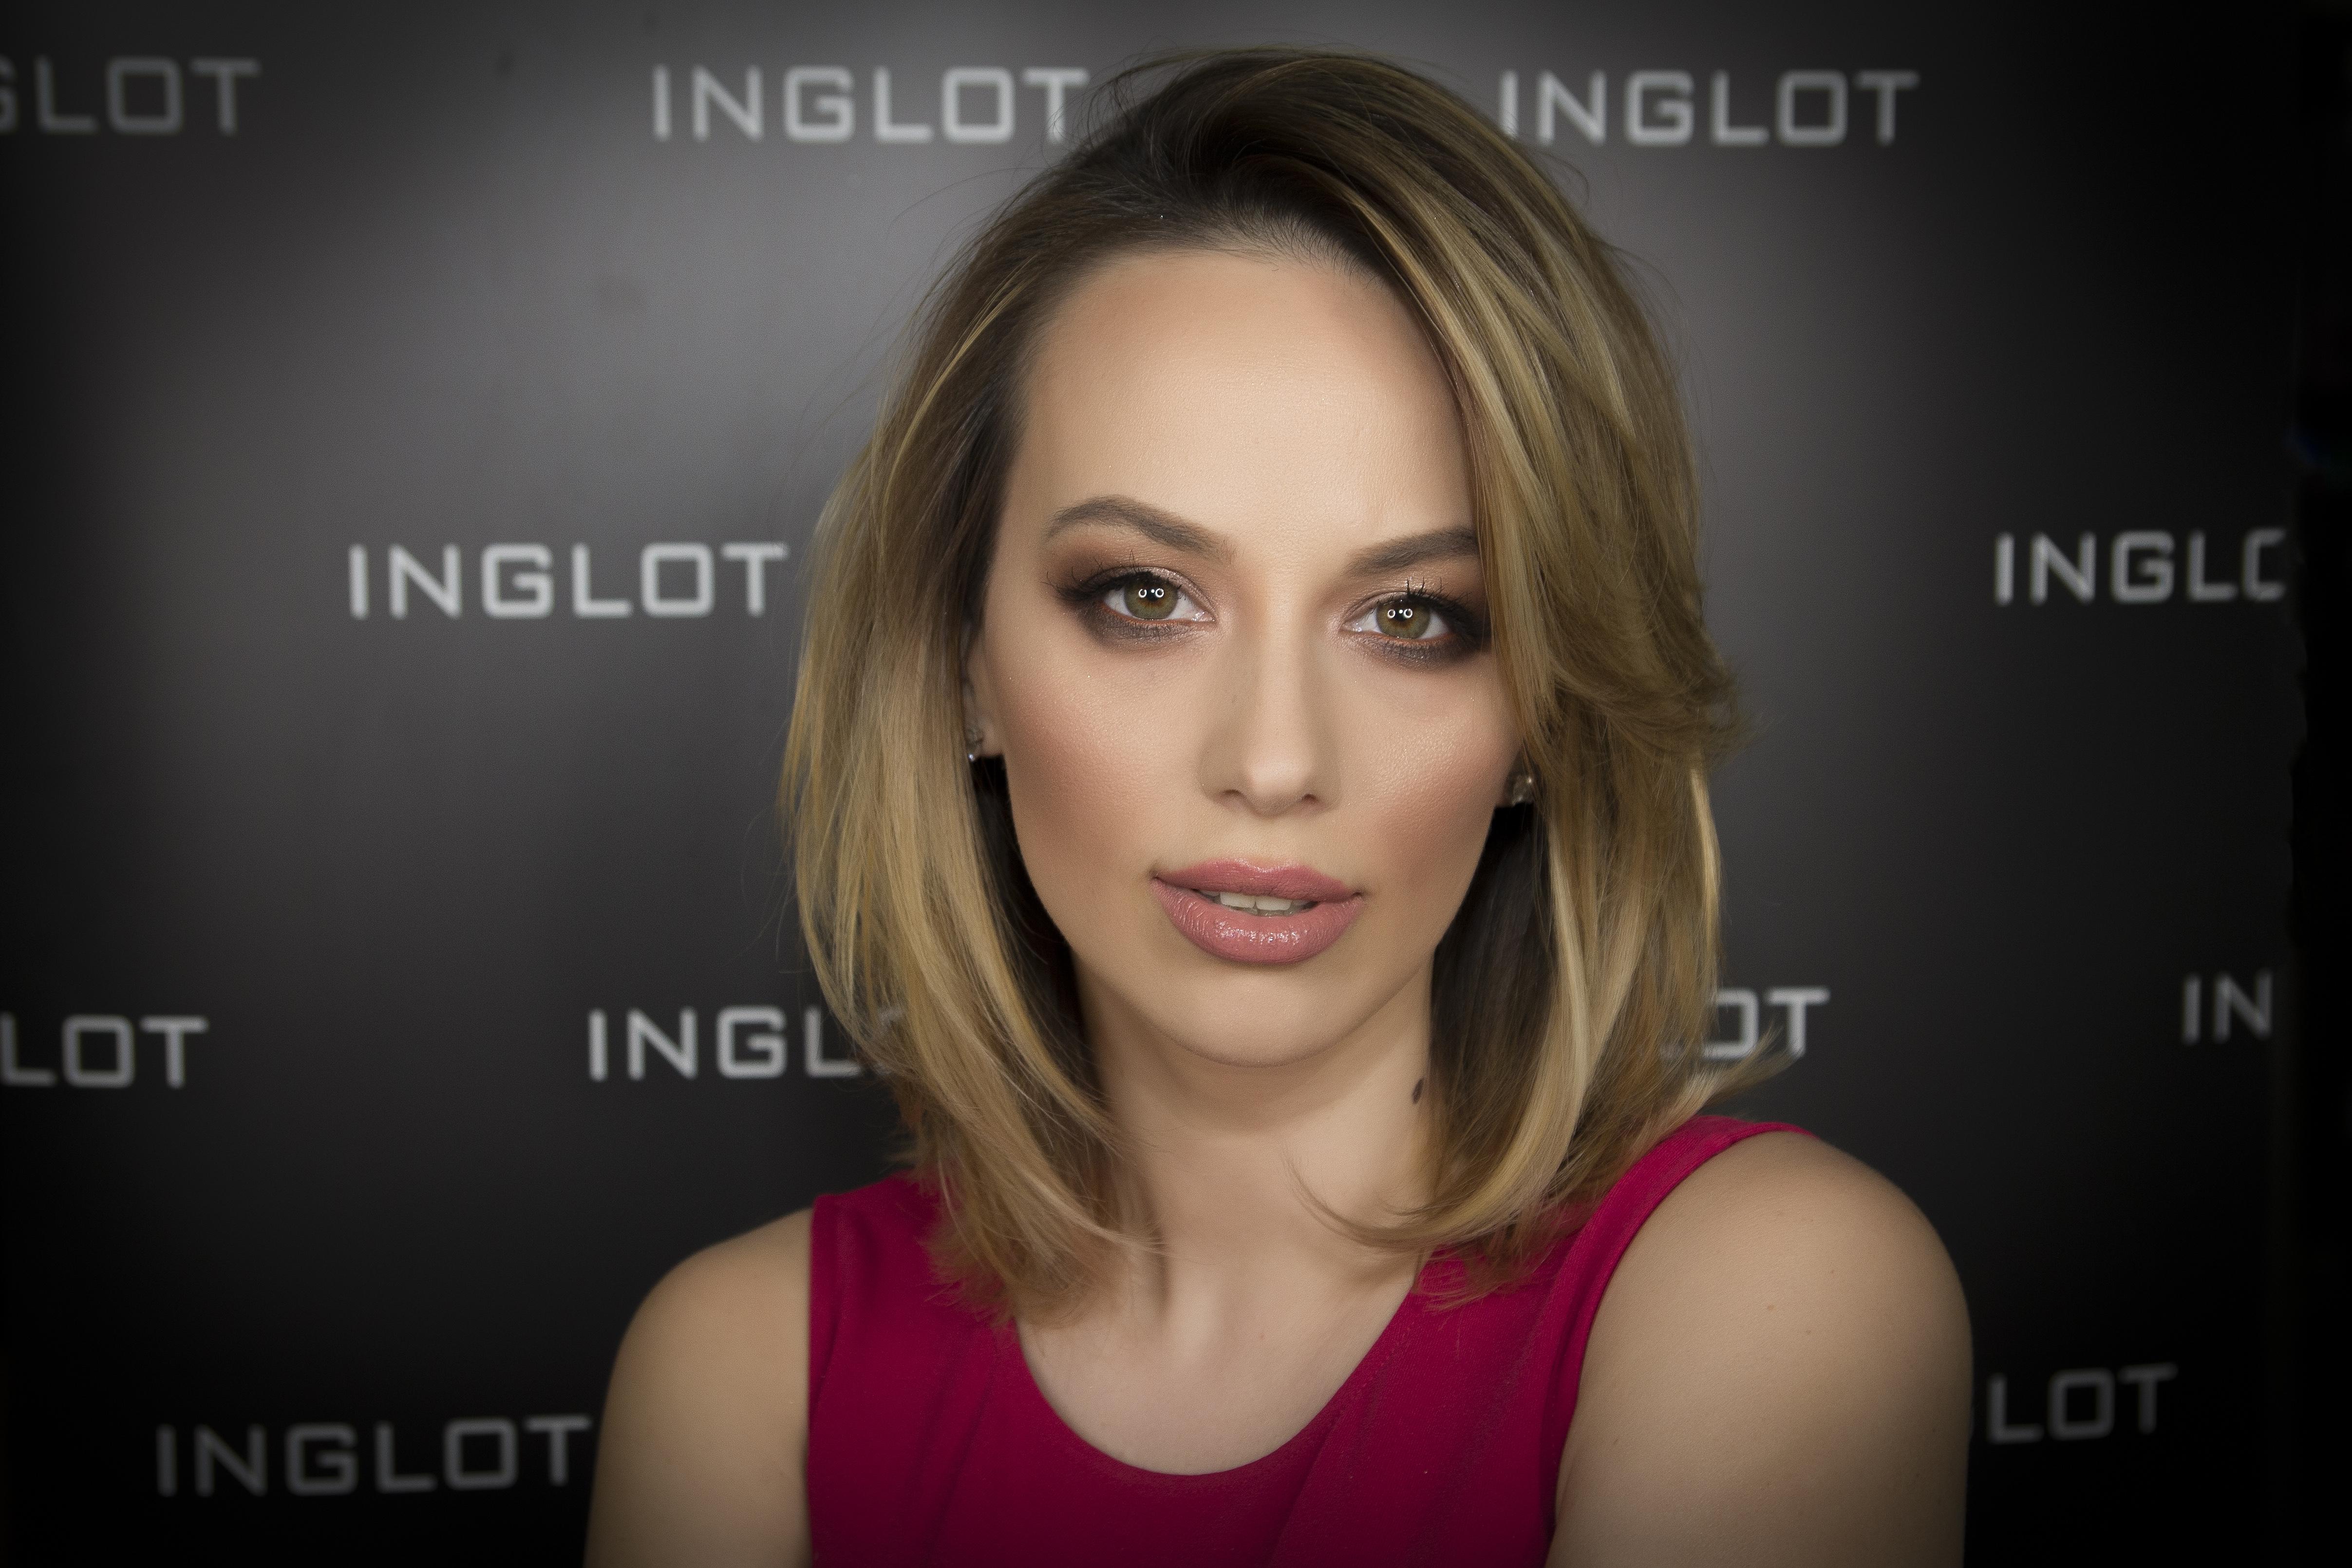 Noua Colecție De Make Up Inglot în Colaborare Cu Jennifer Lopez